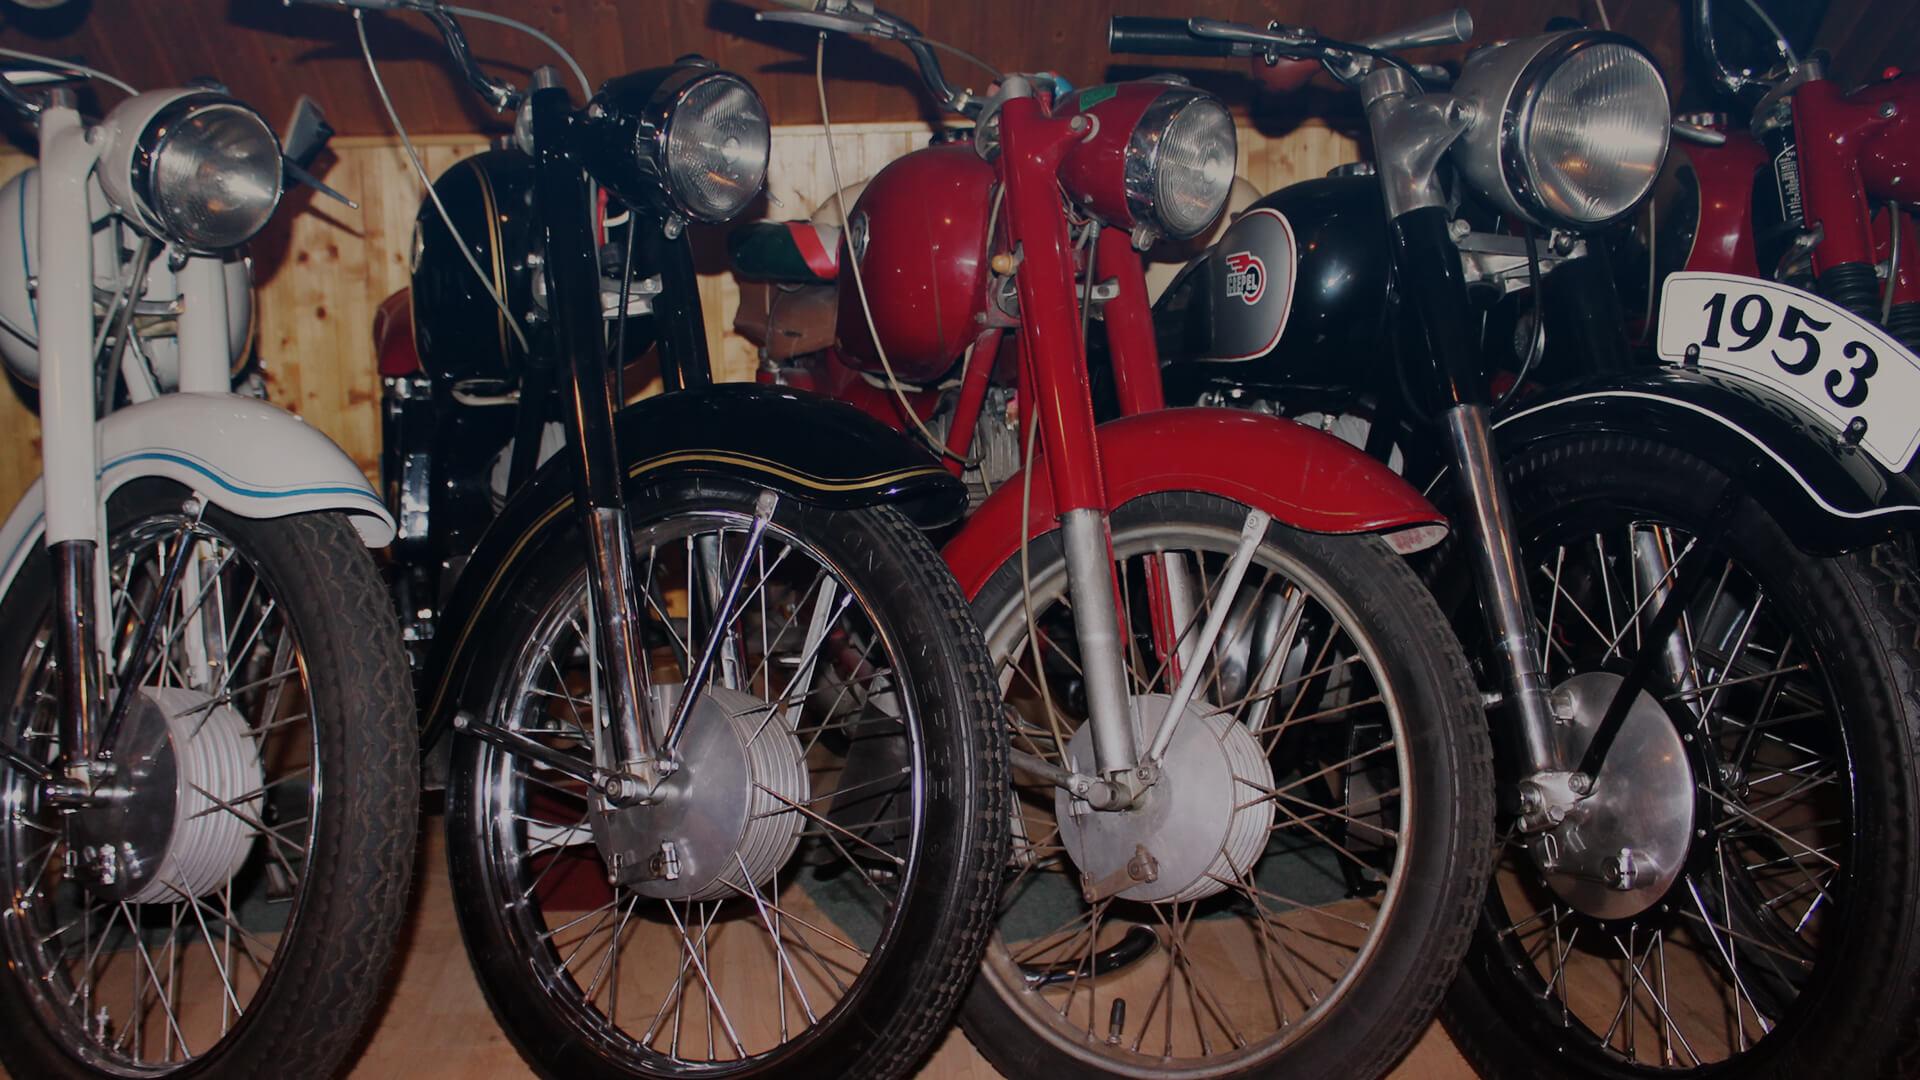 CSEPEL 125/50, 123 CC, 1950